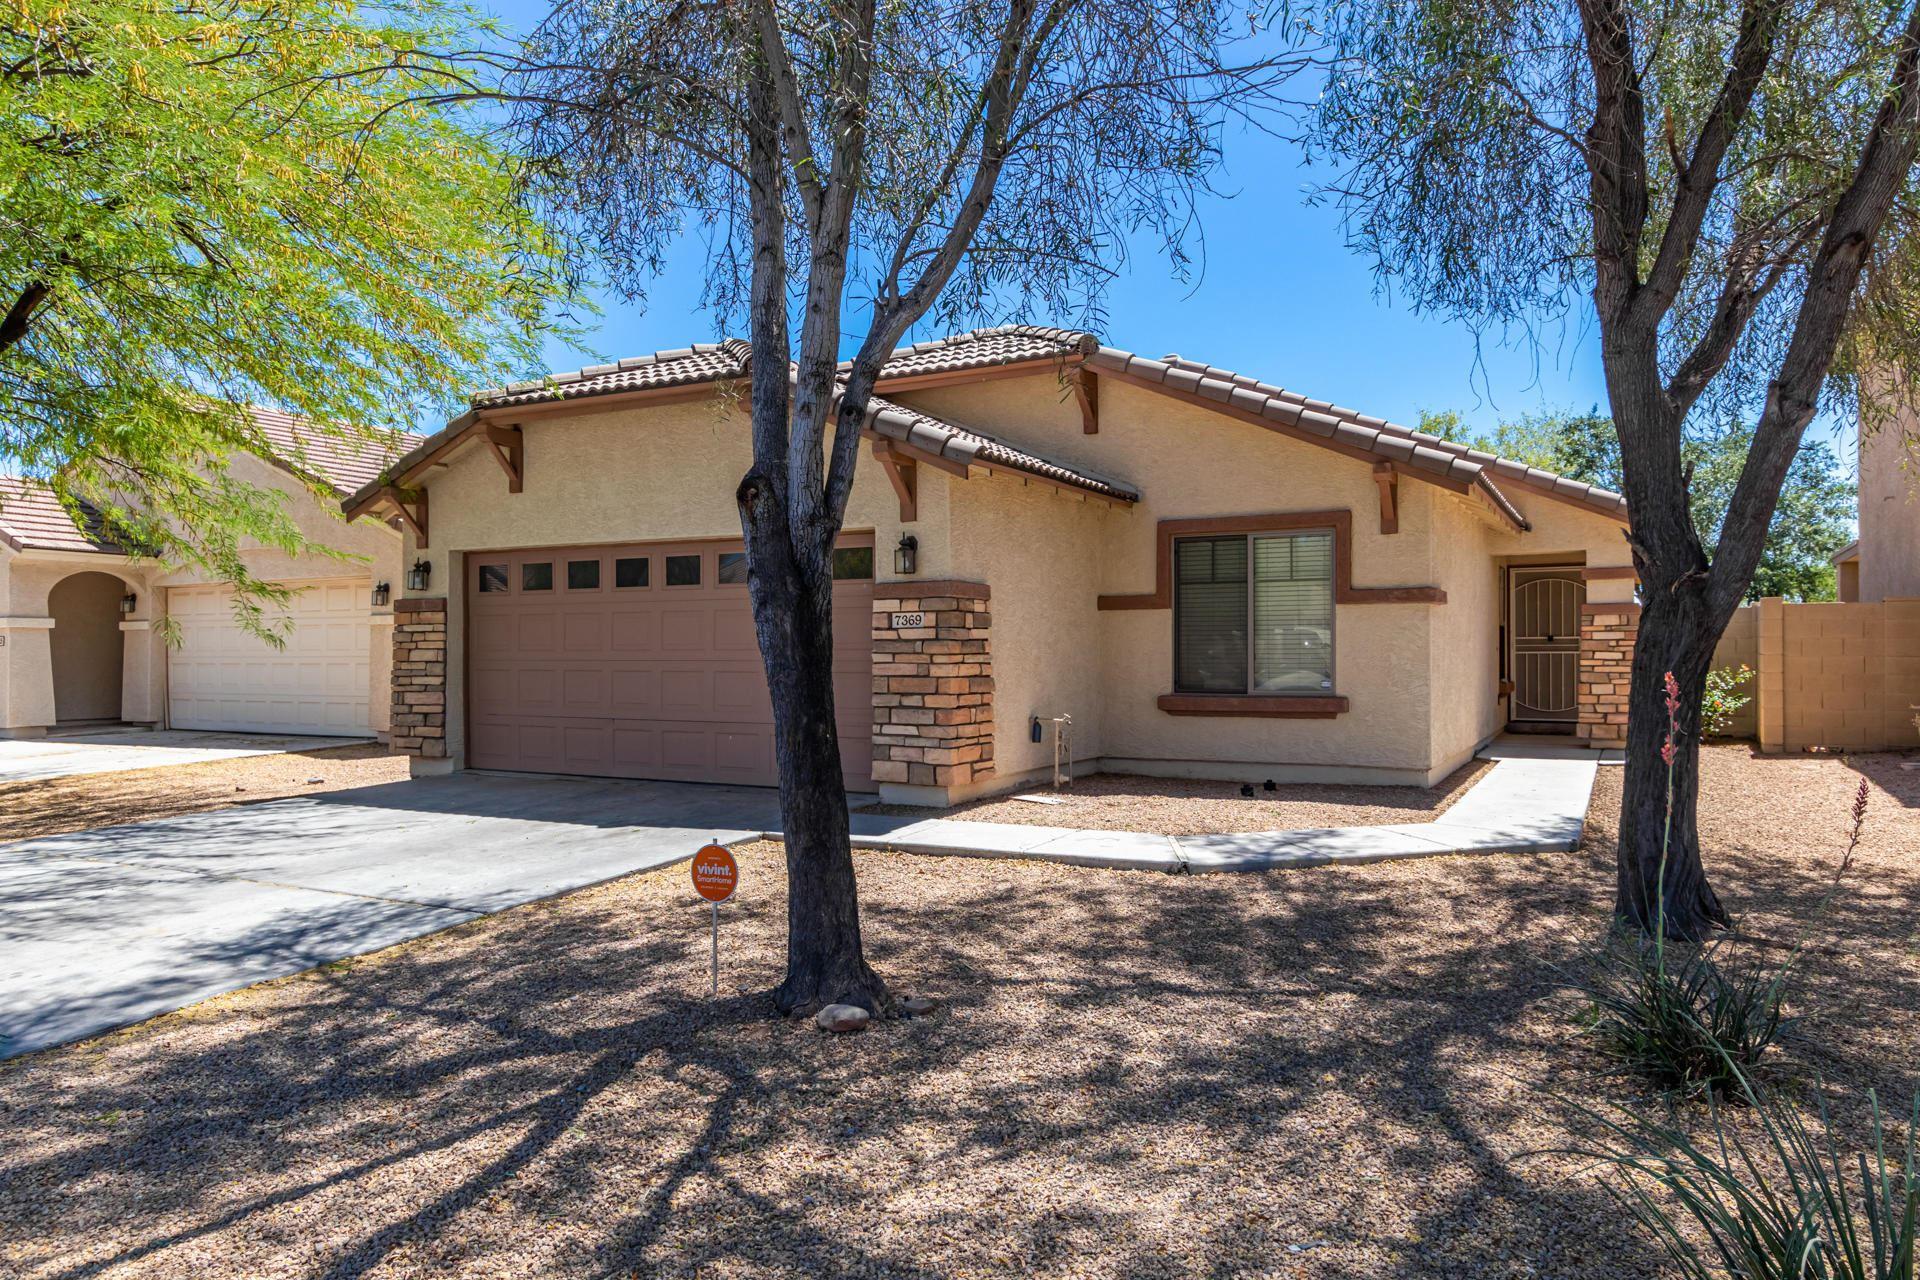 Photo of 7369 W MAGDALENA Lane, Laveen, AZ 85339 (MLS # 6229493)